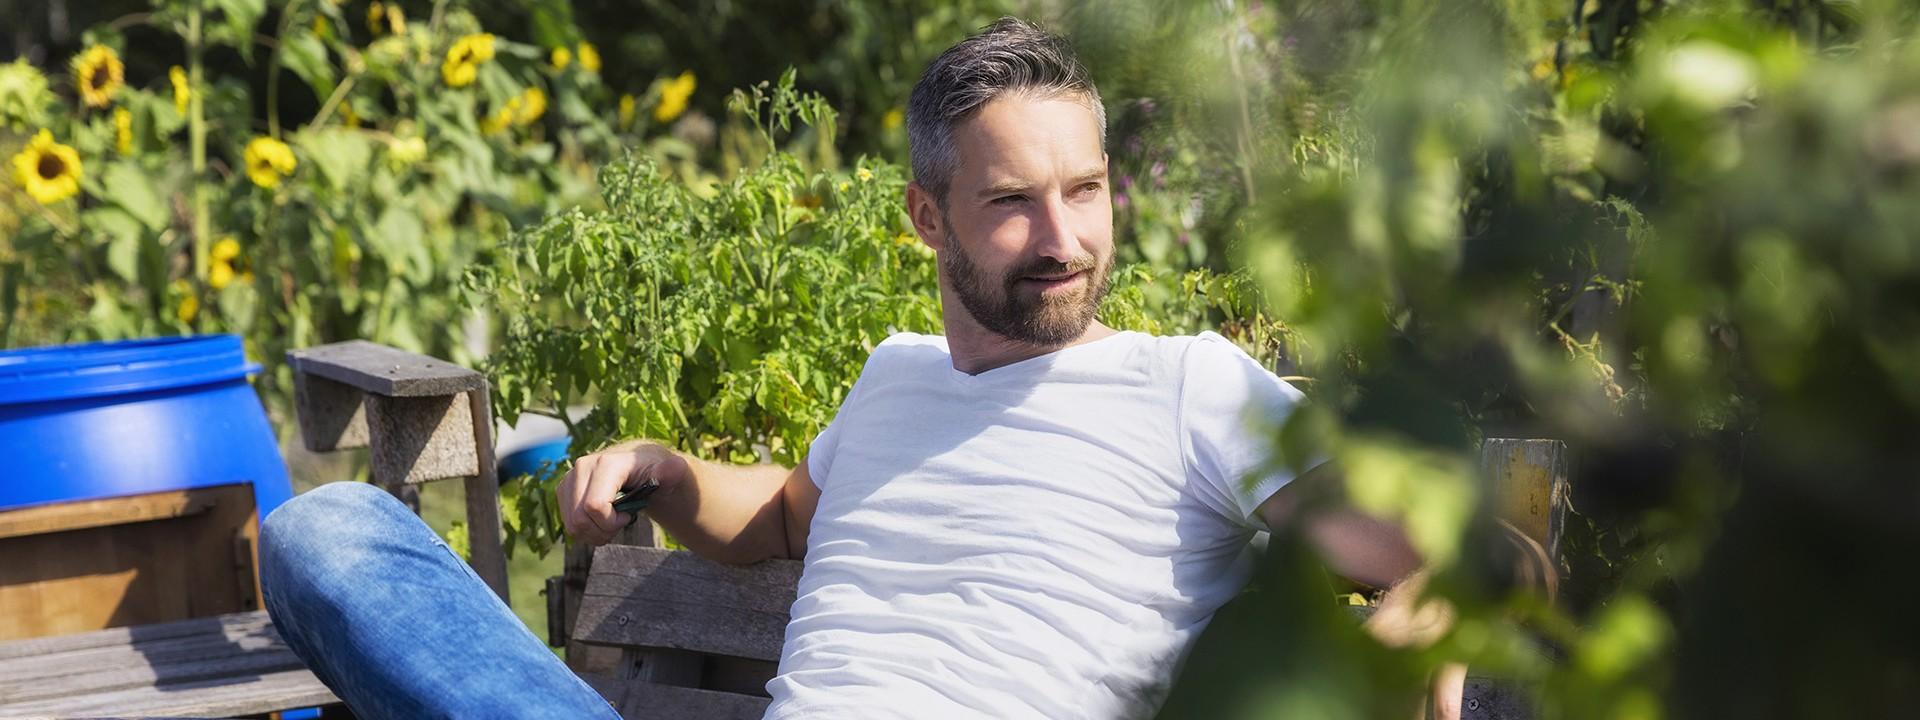 Mann sitzt entspannt auf einer Bank im Grünen